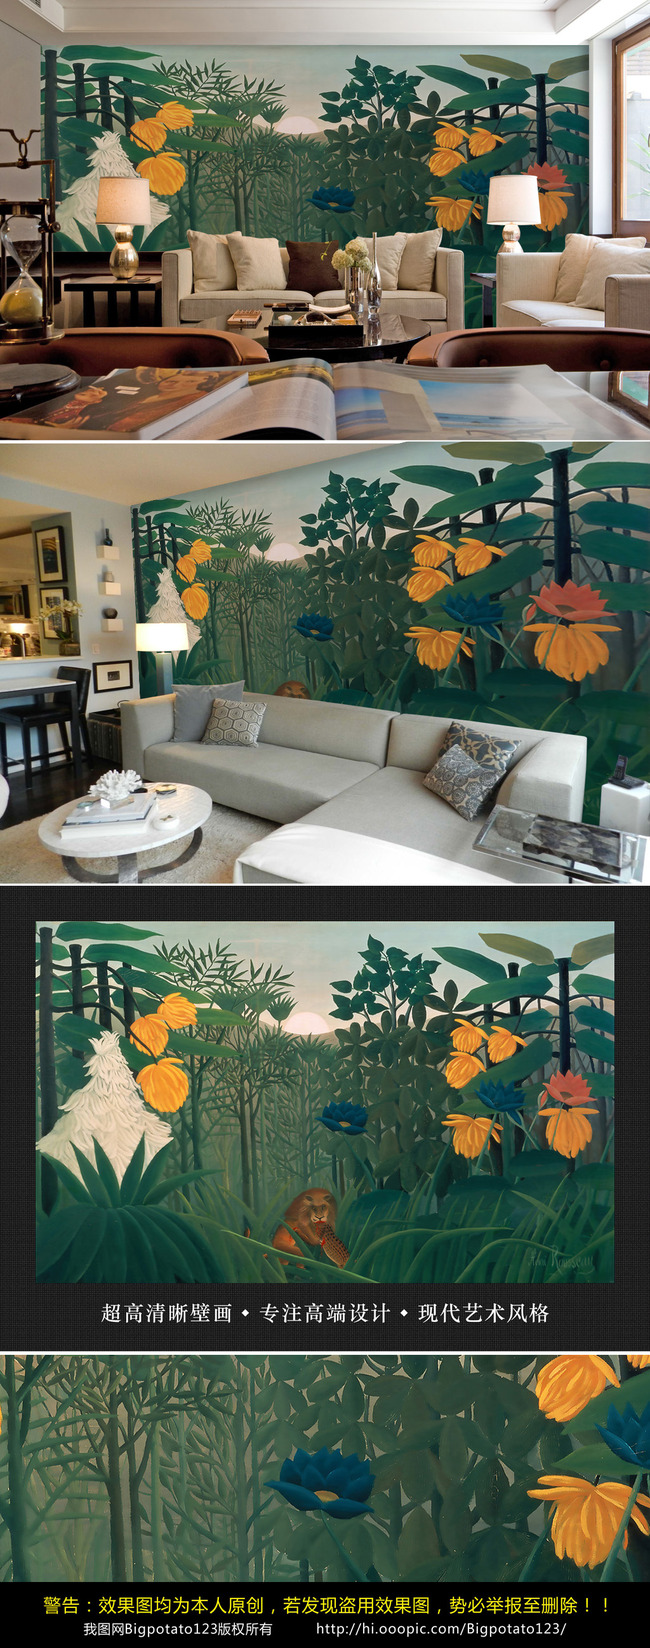 卢梭的森林风景油画背景墙壁画设计壁画